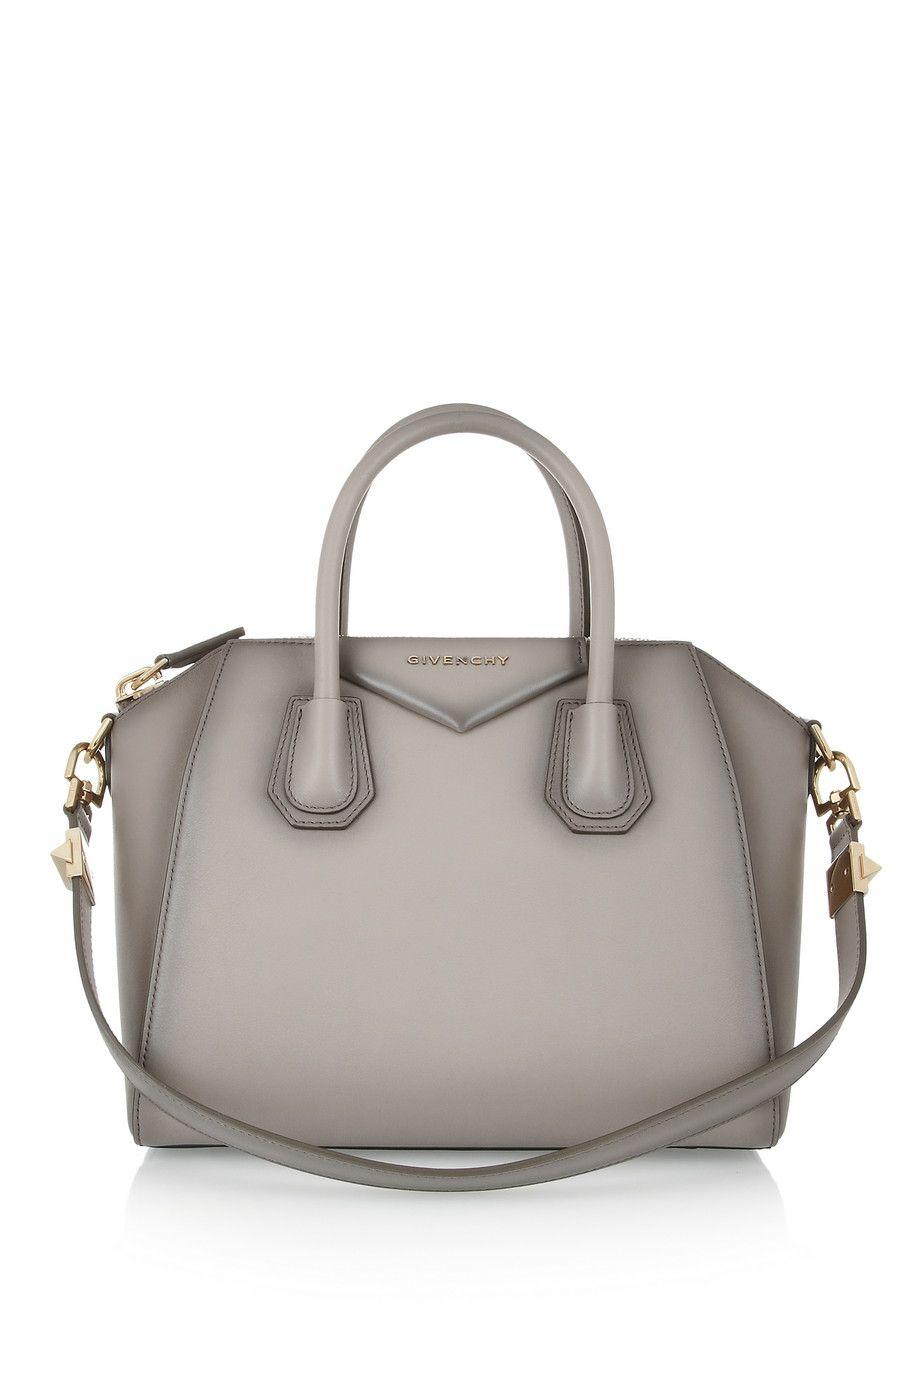 154b3c1f5c Givenchy | Small Antigona bag in mushroom leather | NET-A-PORTER.COM ...